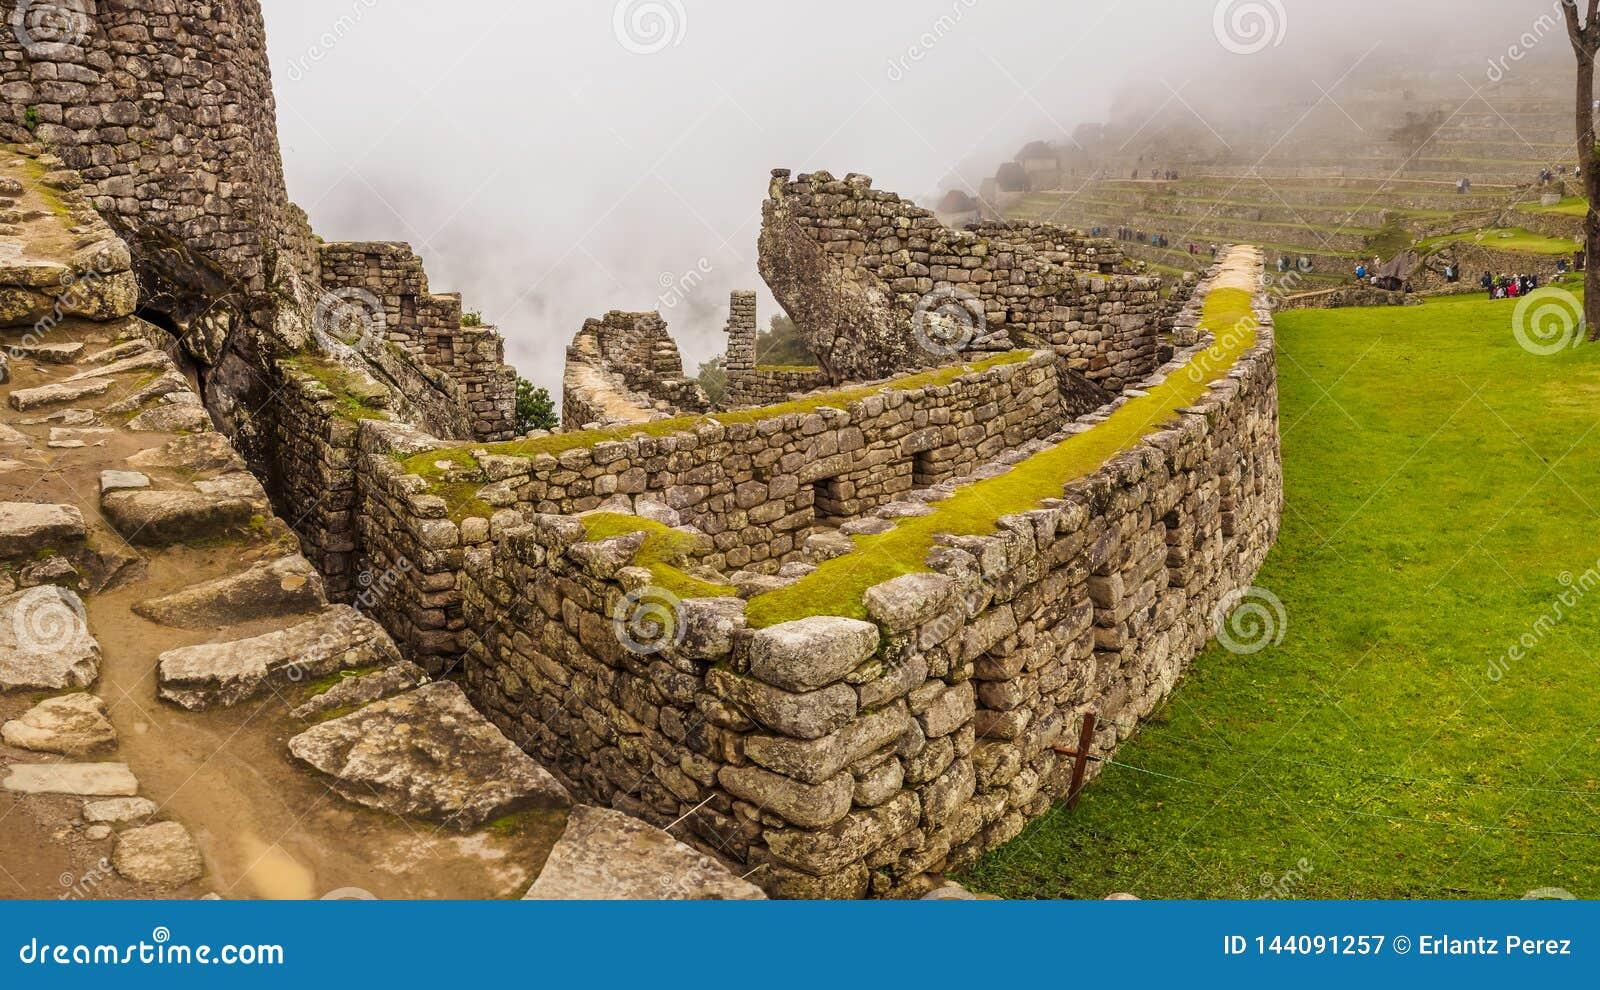 Vista da cidade Incan perdida de Machu Picchu dentro de névoa, perto de Cusco, Peru